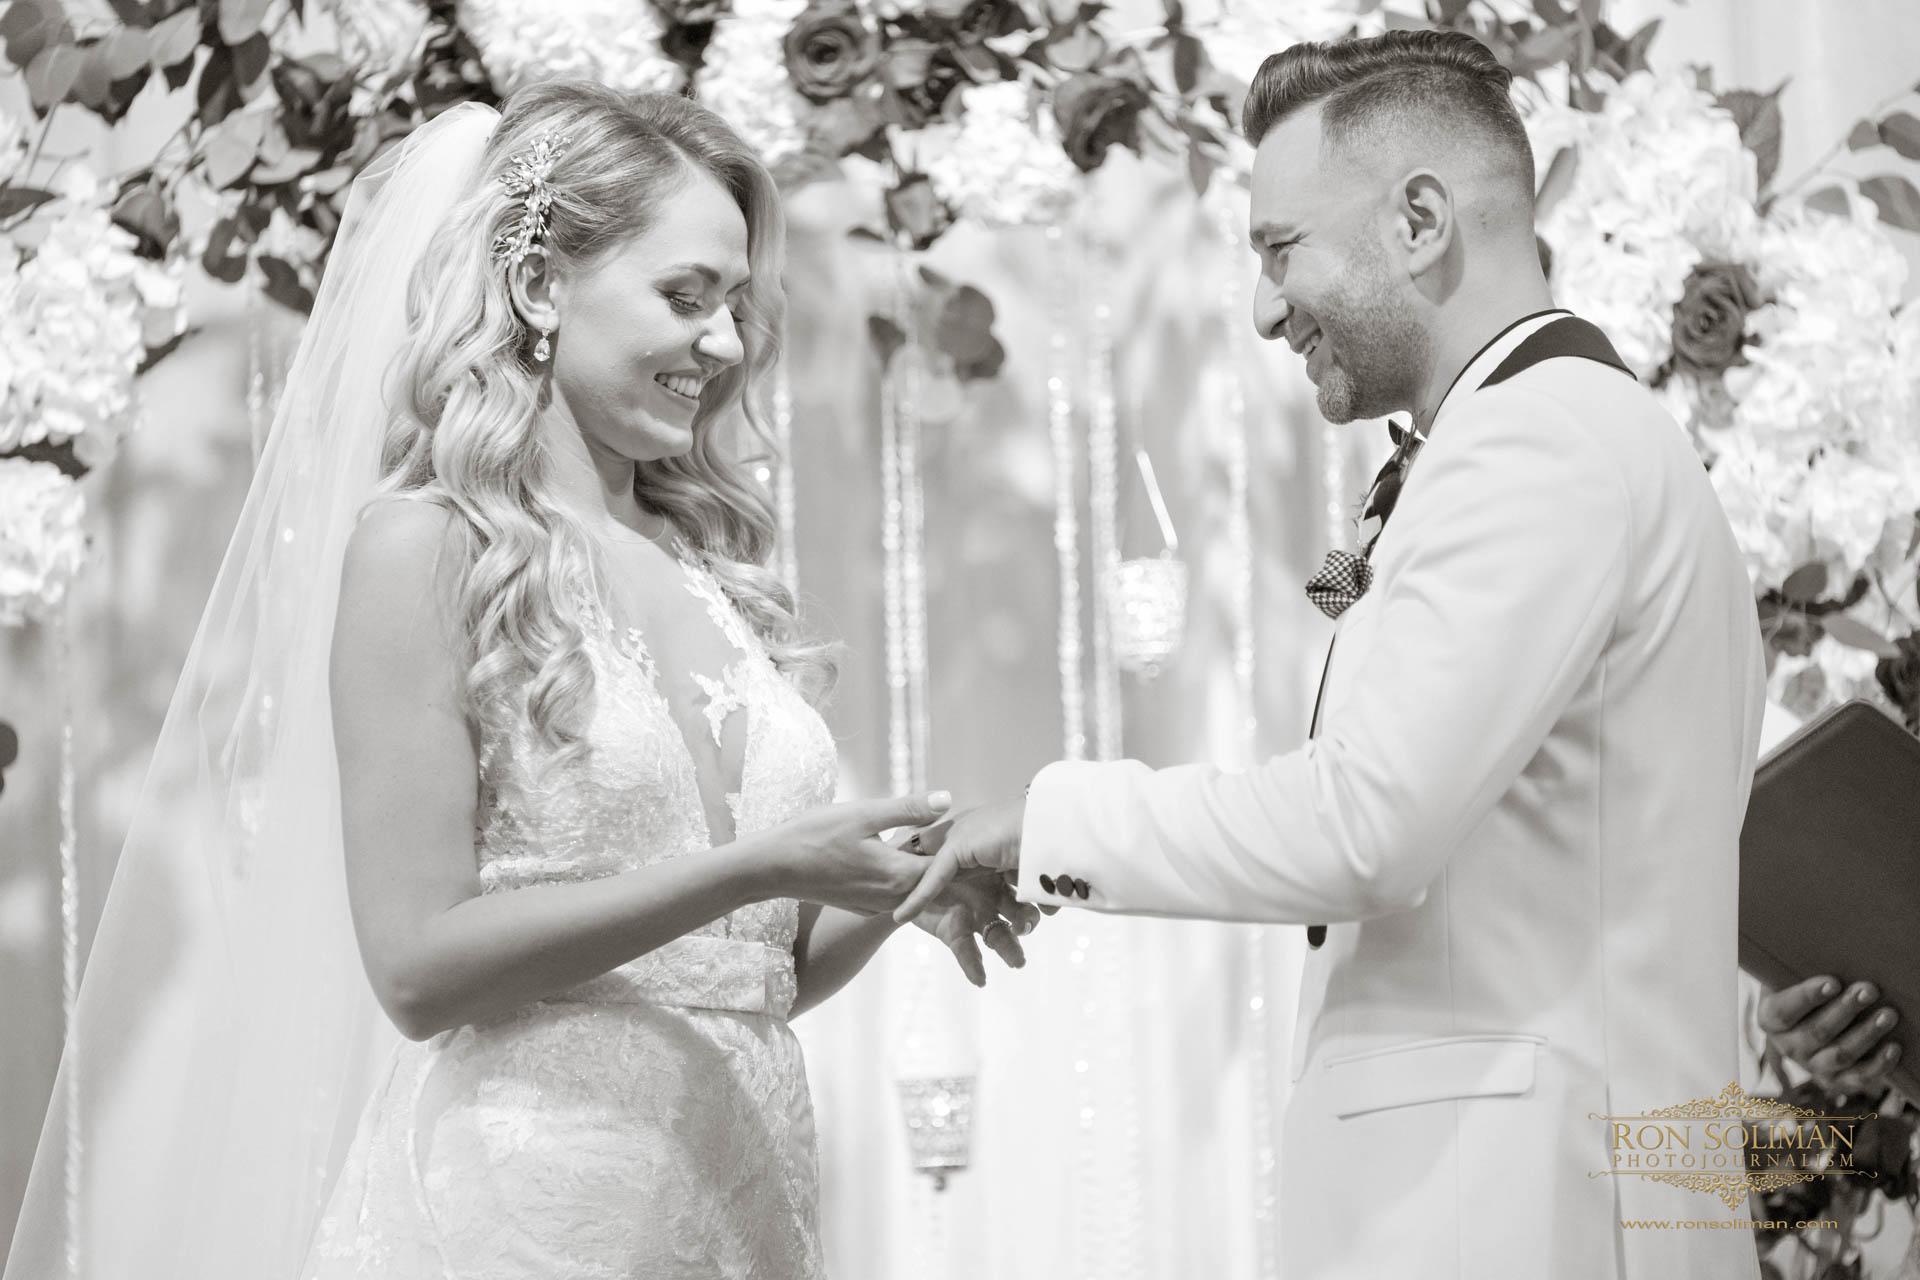 GOLDEN GATES RESTAURANT WEDDING 27